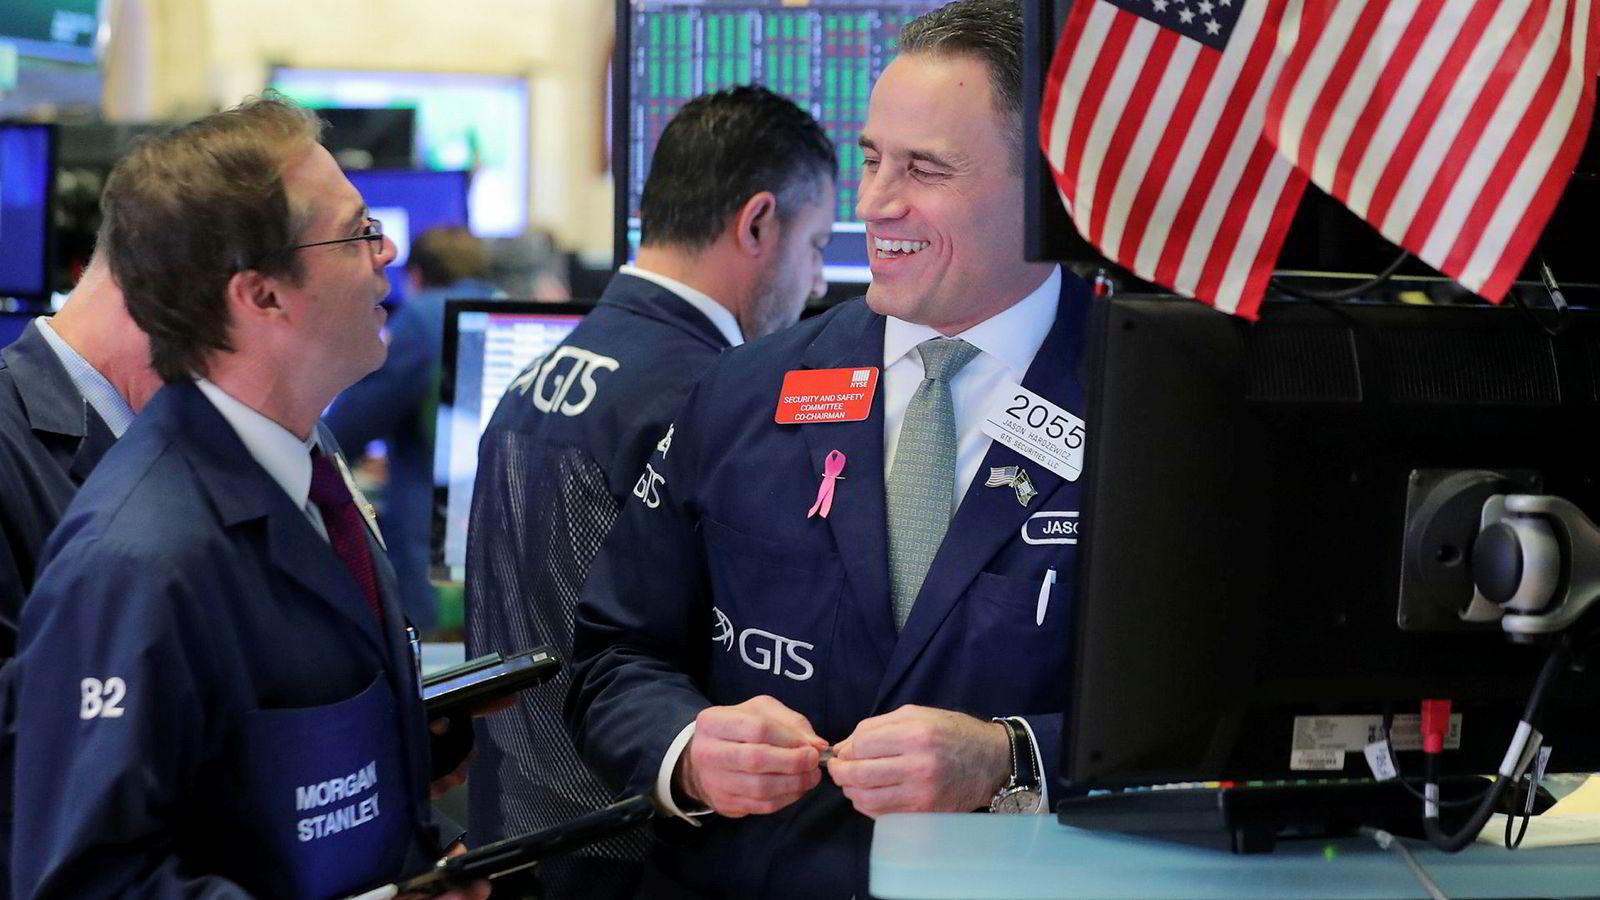 Meglerne her på gulvet i New York Stock Exchange (NYSE) kan se frem til et gyldent børsår i 2019, hvis historien gjentar seg.